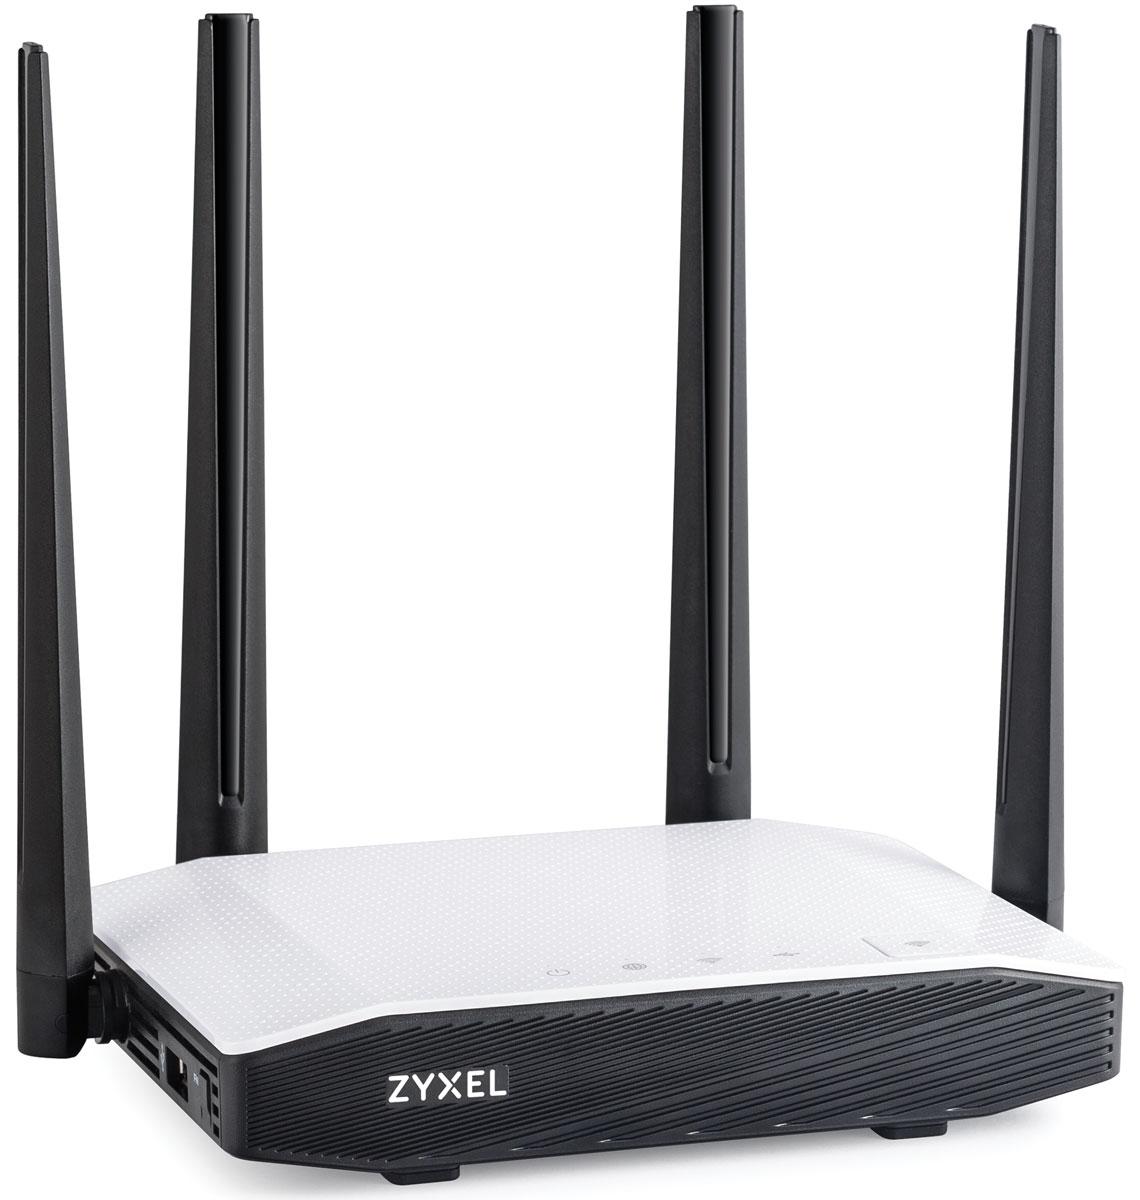 Zyxel Keenetic Extra II интернет-центрKEENETIC EXTRA IIИнтернет-центр Zyxel Keenetic Extra II для выделенной линии Ethernet с точкой доступа Wi-Fi AC1200, управляемым коммутатором Ethernet и многофункциональным хостом USB. Keenetic Extra II предназначен прежде всего для надежного полнофункционального подключения вашего дома к Интернету по выделенной линии Ethernet через провайдеров, использующих любые типы подключения: IPoE, PPPoE, PPTP, L2TP, 802.1X, VLAN 802.1Q, IPv4/IPv6. При этом он дает полную скорость по тарифам до 100 Мбит/с независимо от вида подключения и характера нагрузки. Keenetic Extra II работает с десятками популярных USB-модемов мобильного Интернета от всех операторов связи. В случае сбоя связи через сотовую сеть или зависания модема интернет-центр автоматически перезапустит подключение (предварительно перезагрузив модем по питанию) без участия пользователя. Поддержка скоростных режимов CDC-Ethernet и NDIS обеспечивает Keenetic Extra II возможность работы в сотовых сетях на скорости до...